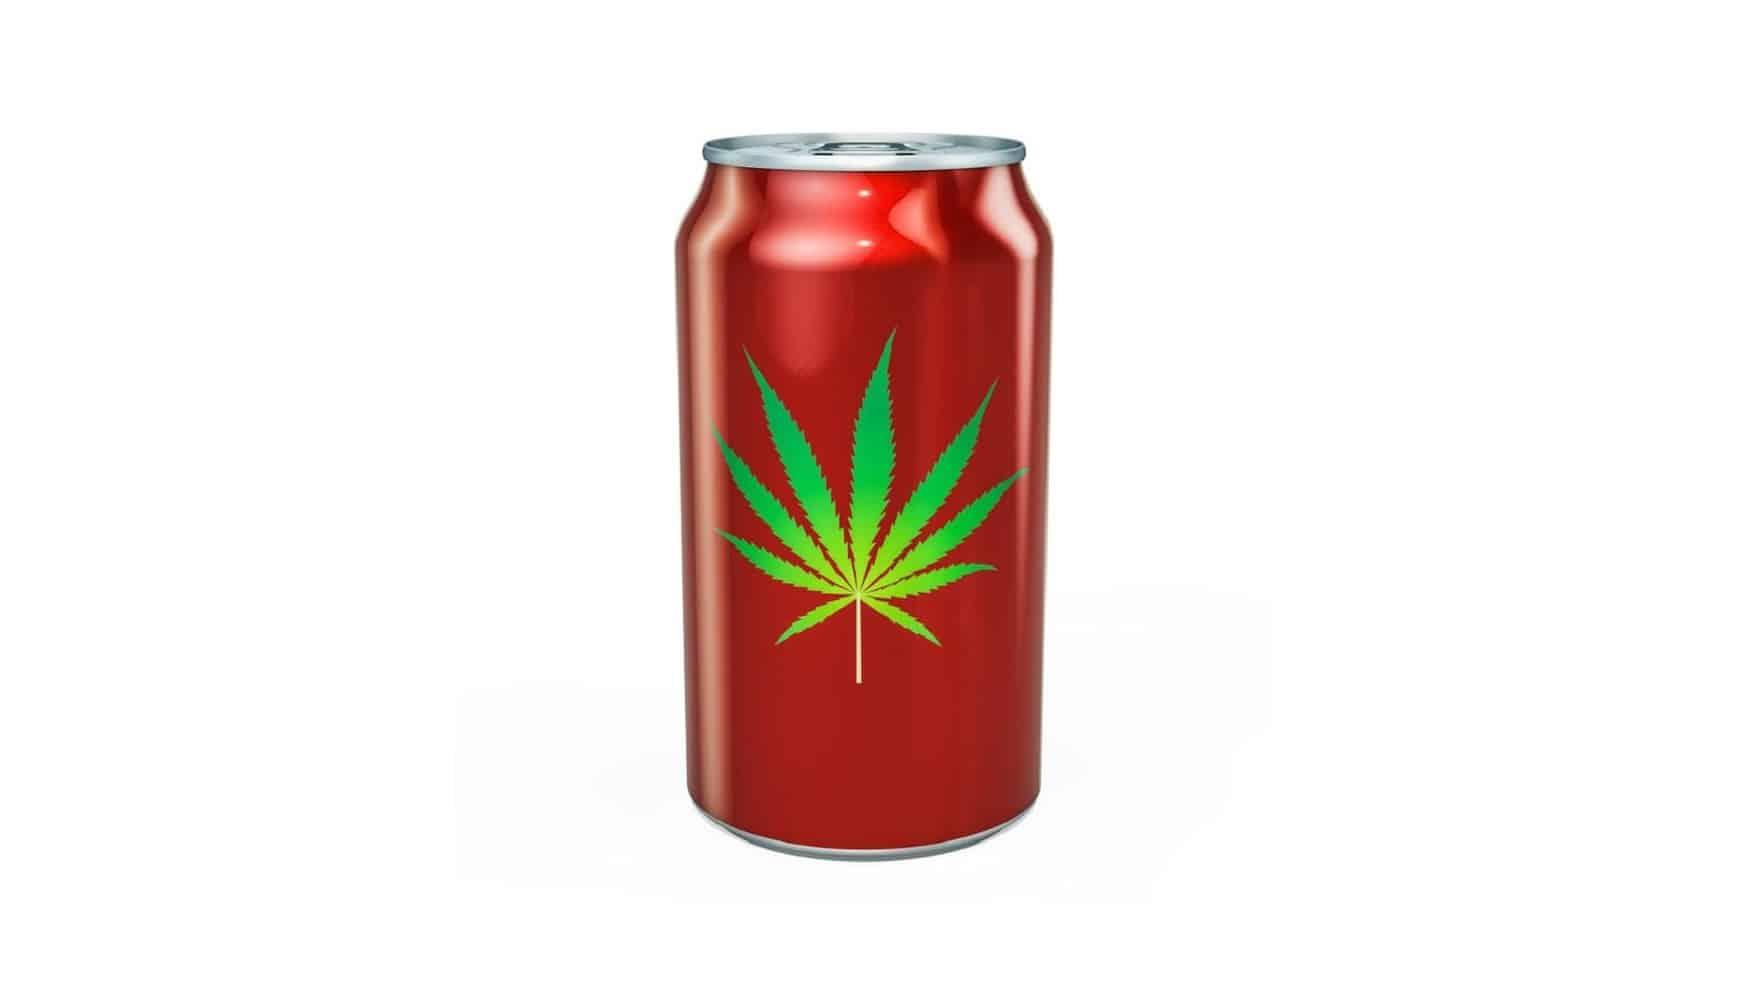 Marijuana beer makes its debut in Canada